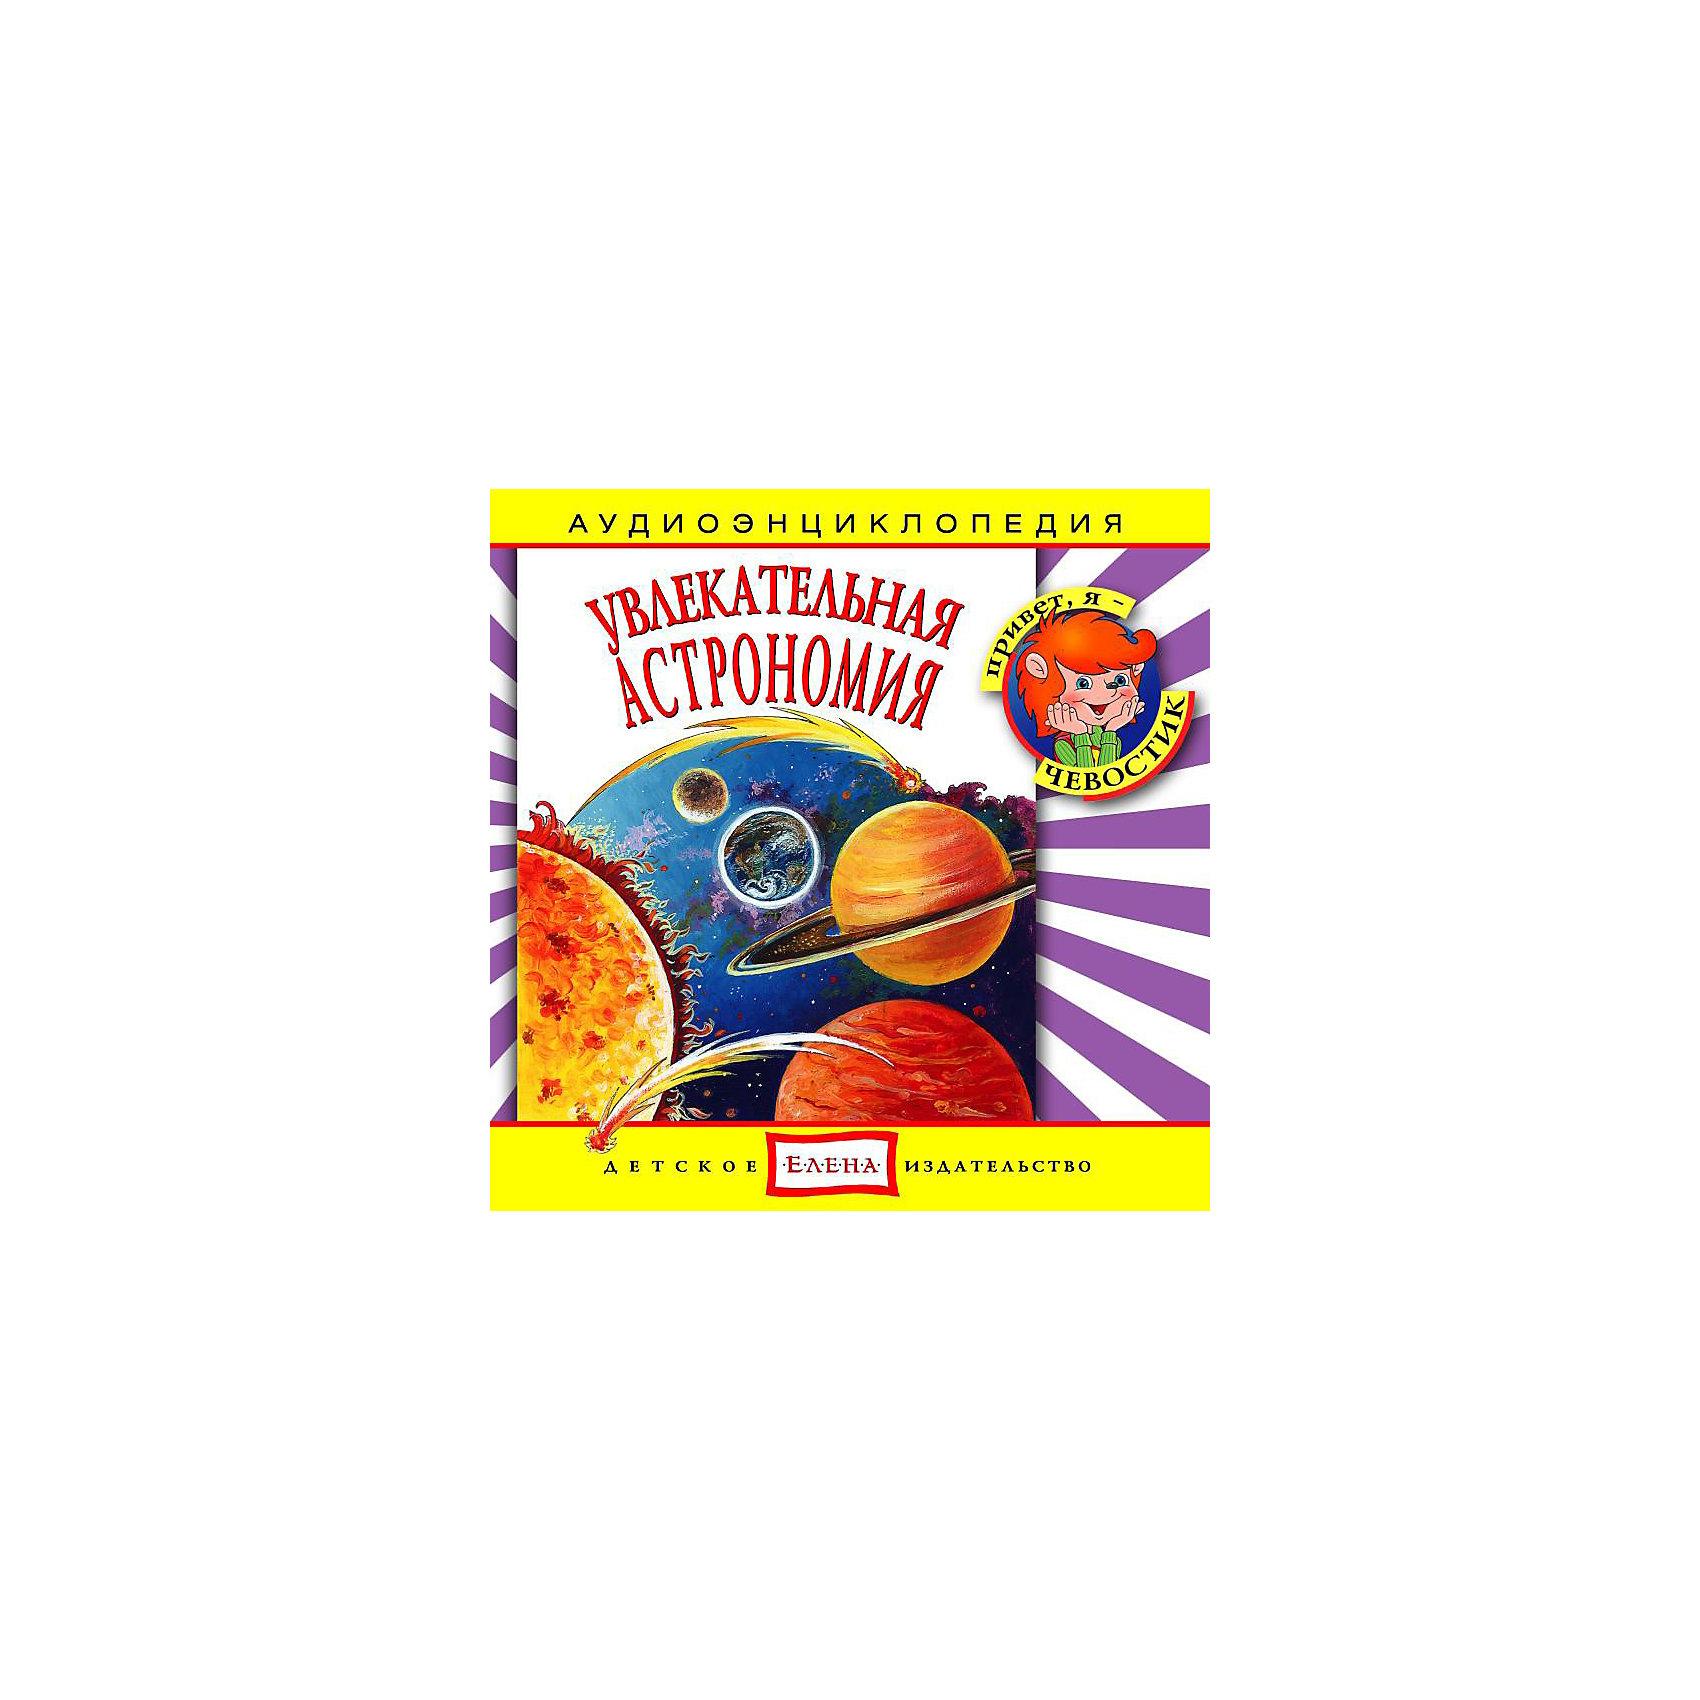 Аудиоэнциклопедия Увлекательная астрономия, CDДетское издательство Елена<br>Характеристики:<br><br>• возраст: от 5 лет<br>• издательство: Детское издательство Елена<br>• серия: Аудиоэнциклопедия. Уроки дяди Кузи и Чевостика<br>• автор: Елена Качур<br>• текст читают: Таисия Аведикова, Дмитрий Столбцов<br>• формат: Audio CD<br>• звук: стерео<br>• год издания: 2004<br>• количество дисков: 1<br>• время звучания: 55:38 мин.<br>• размер: 14,2х12,2х1 см.<br>• вес: 80 гр.<br>• ISBN: 4607162120391<br><br>Аудиоэнциклопедия познакомит ребёнка с основными понятиями терминами астрономии, расскажет о нашей планете и её спутнике – Луне и Земле, и других планетах Солнечной Системы, о звёздах и созвездиях, о кометах и метеоритах, о галактиках и о бесконечности вселенной. А любознательные герои - Чевостик и Дядя Кузя - найдут простые и интересные объяснения даже самым сложным вопросам.<br><br>Аудиоспектакль озвучивают профессиональные актёры, которым без труда удастся заинтересовать ребенка своим рассказом. Малыш услышит грамотную, выразительную, хорошо поставленную речь, это научит его правильно говорить. Программа оформлена замечательным музыкальным сопровождением.<br><br>Аудиоэнциклопедию «Увлекательная астрономия» можно купить в нашем интернет-магазине.<br><br>Ширина мм: 142<br>Глубина мм: 10<br>Высота мм: 125<br>Вес г: 79<br>Возраст от месяцев: 36<br>Возраст до месяцев: 144<br>Пол: Унисекс<br>Возраст: Детский<br>SKU: 2500834